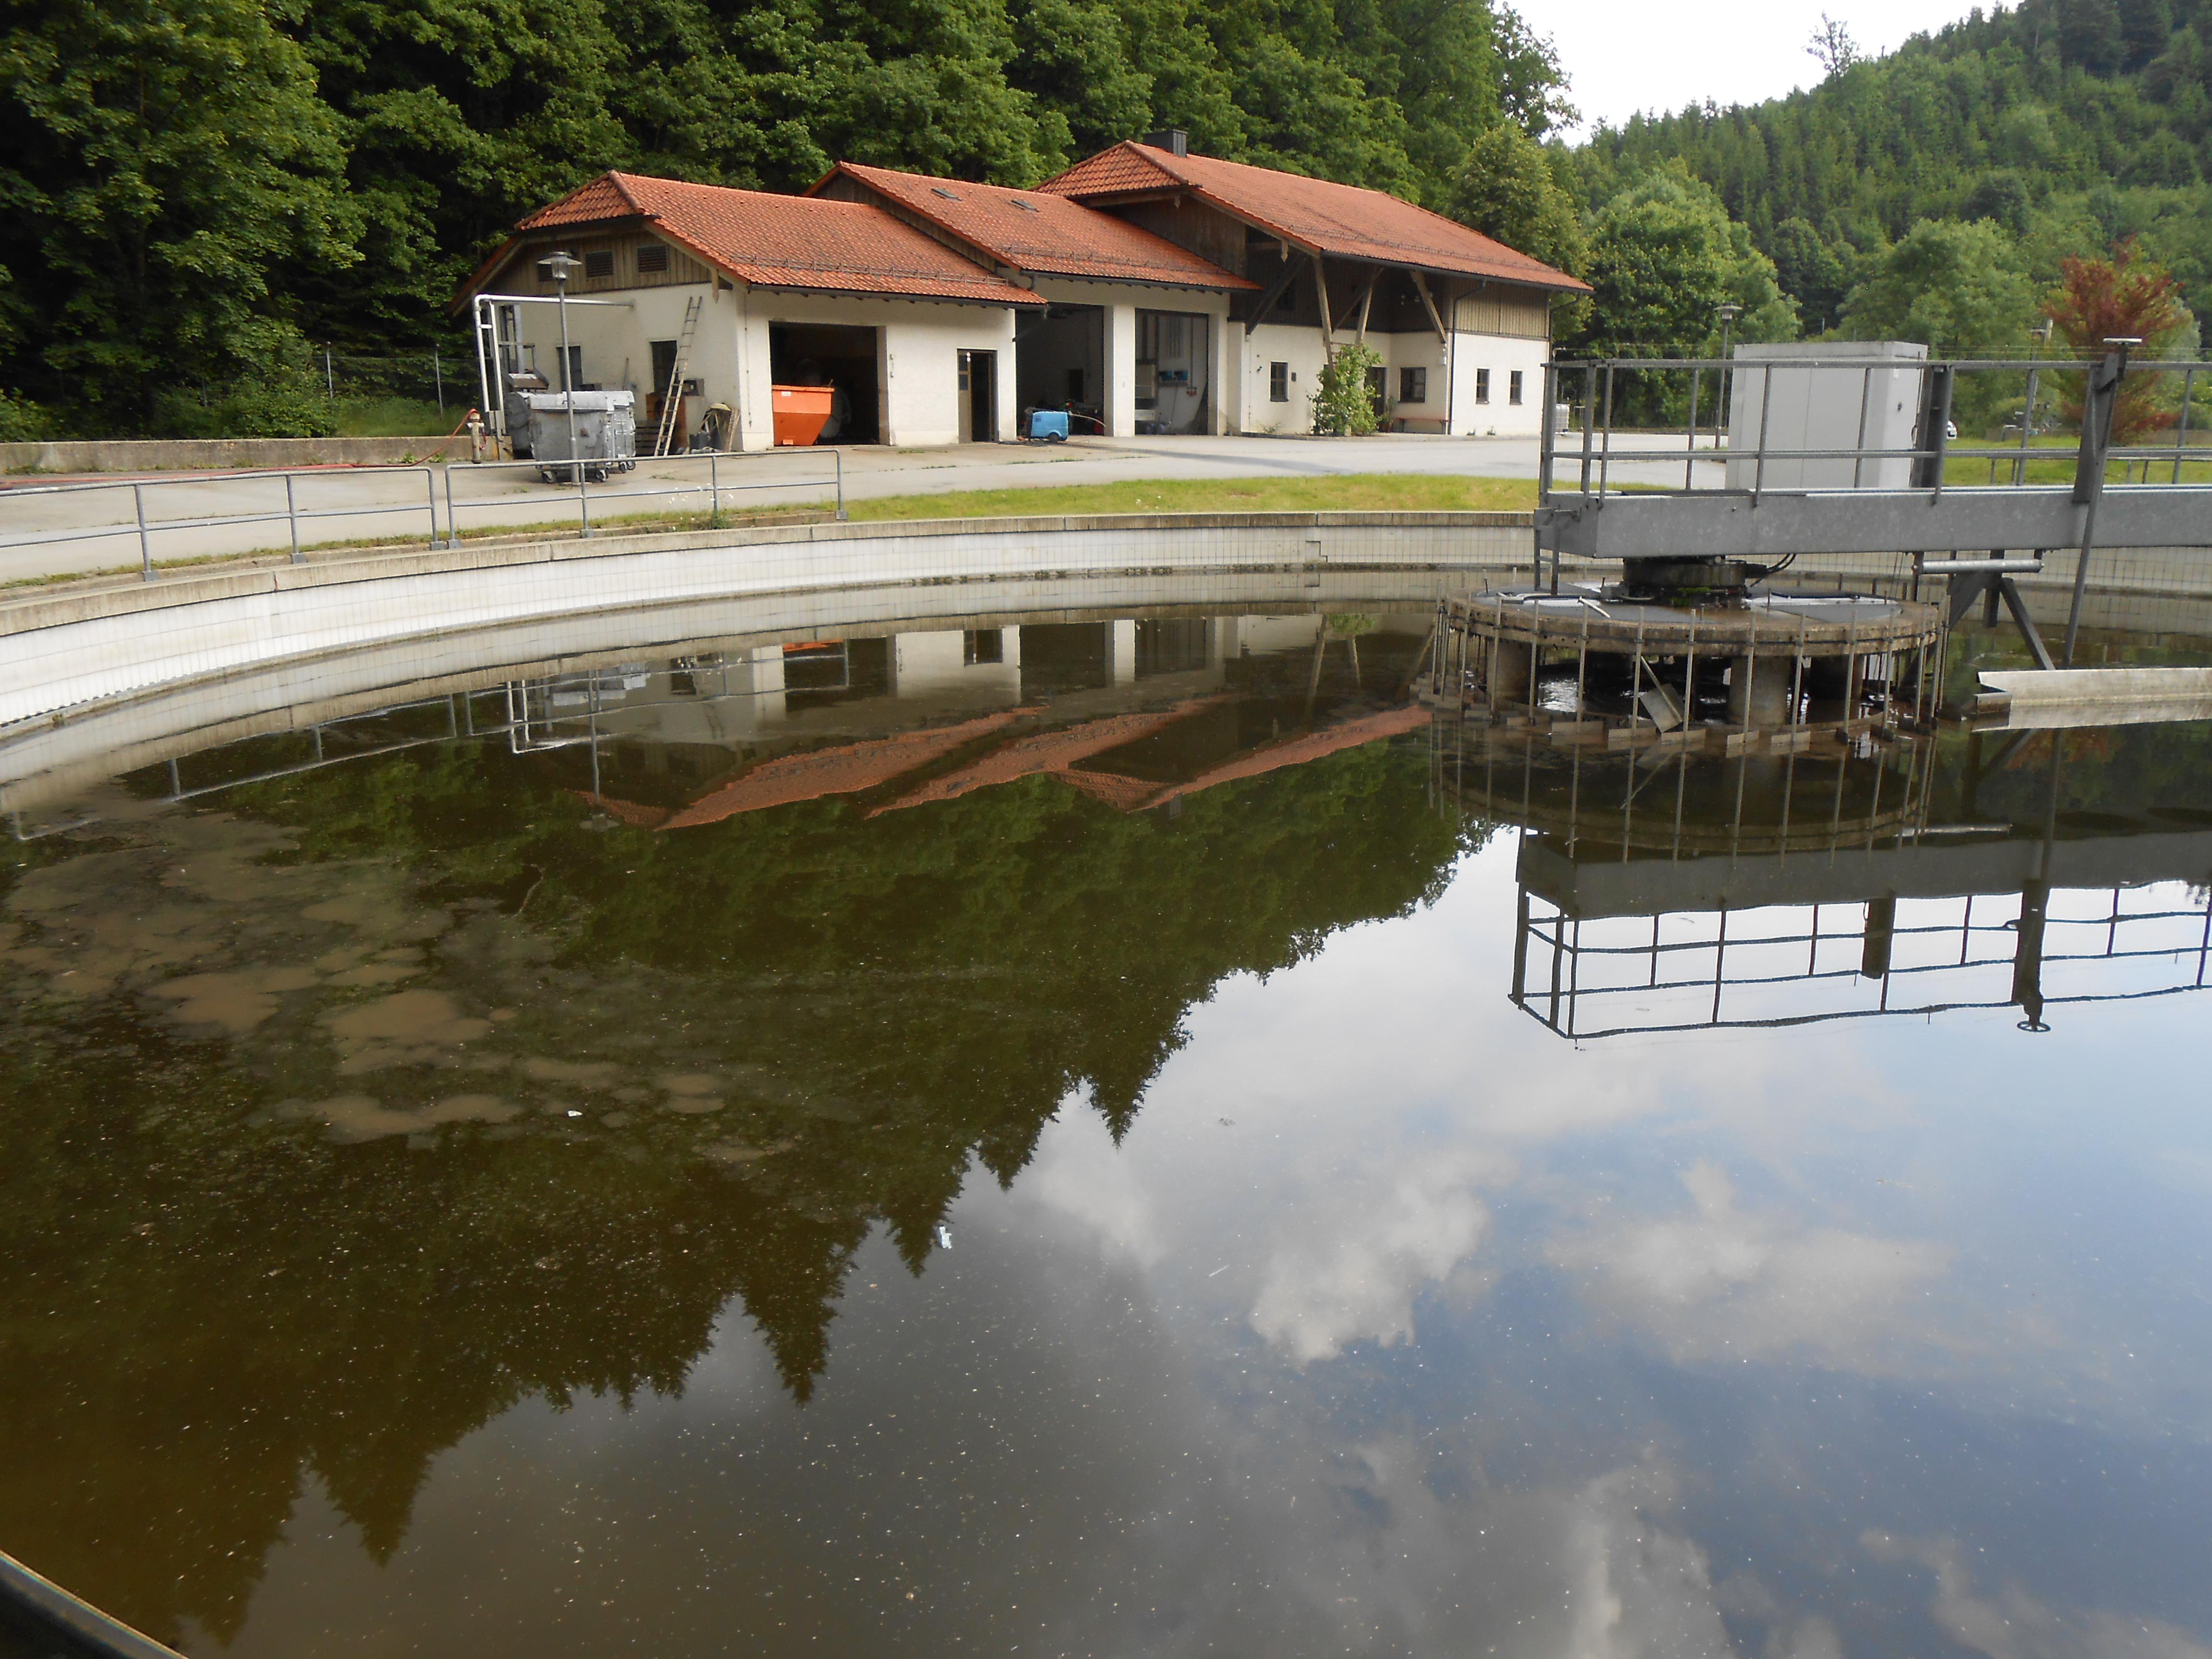 Kläranlage-Hauzenberg-Sanierung-und-Erweiterung